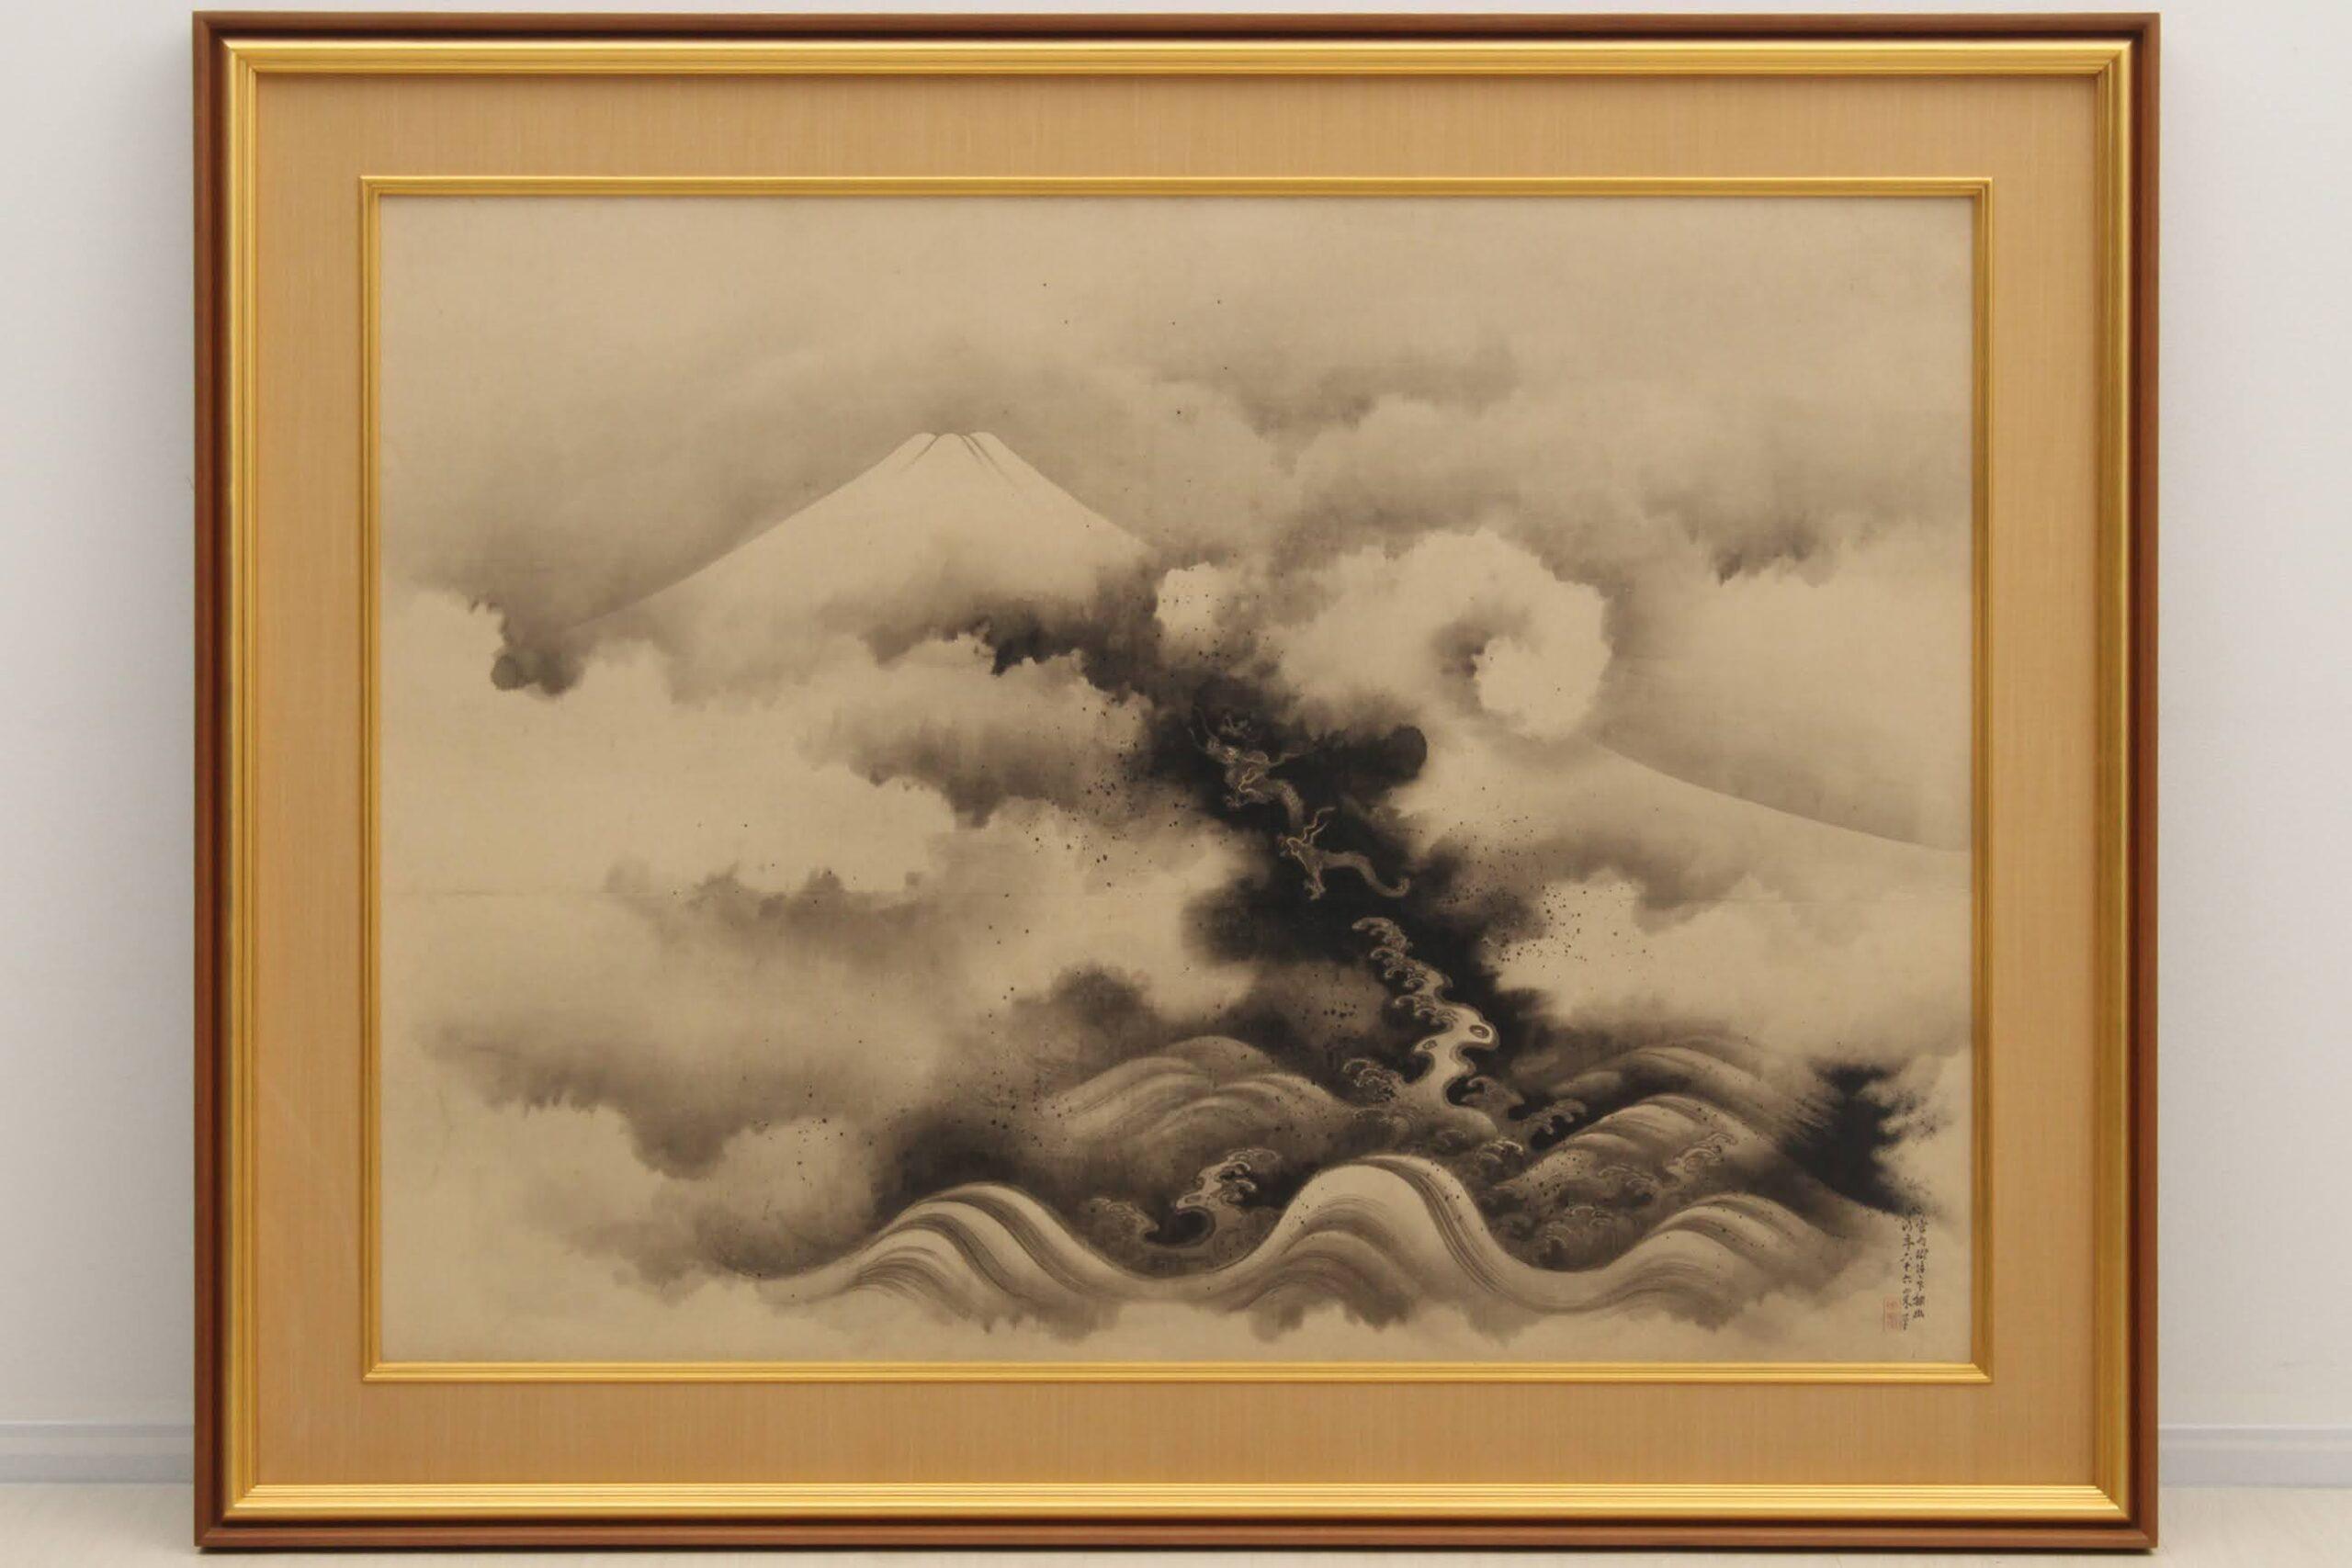 明治の日本画家・下村観山。西洋の色彩と日本画の伝統的技法を融合